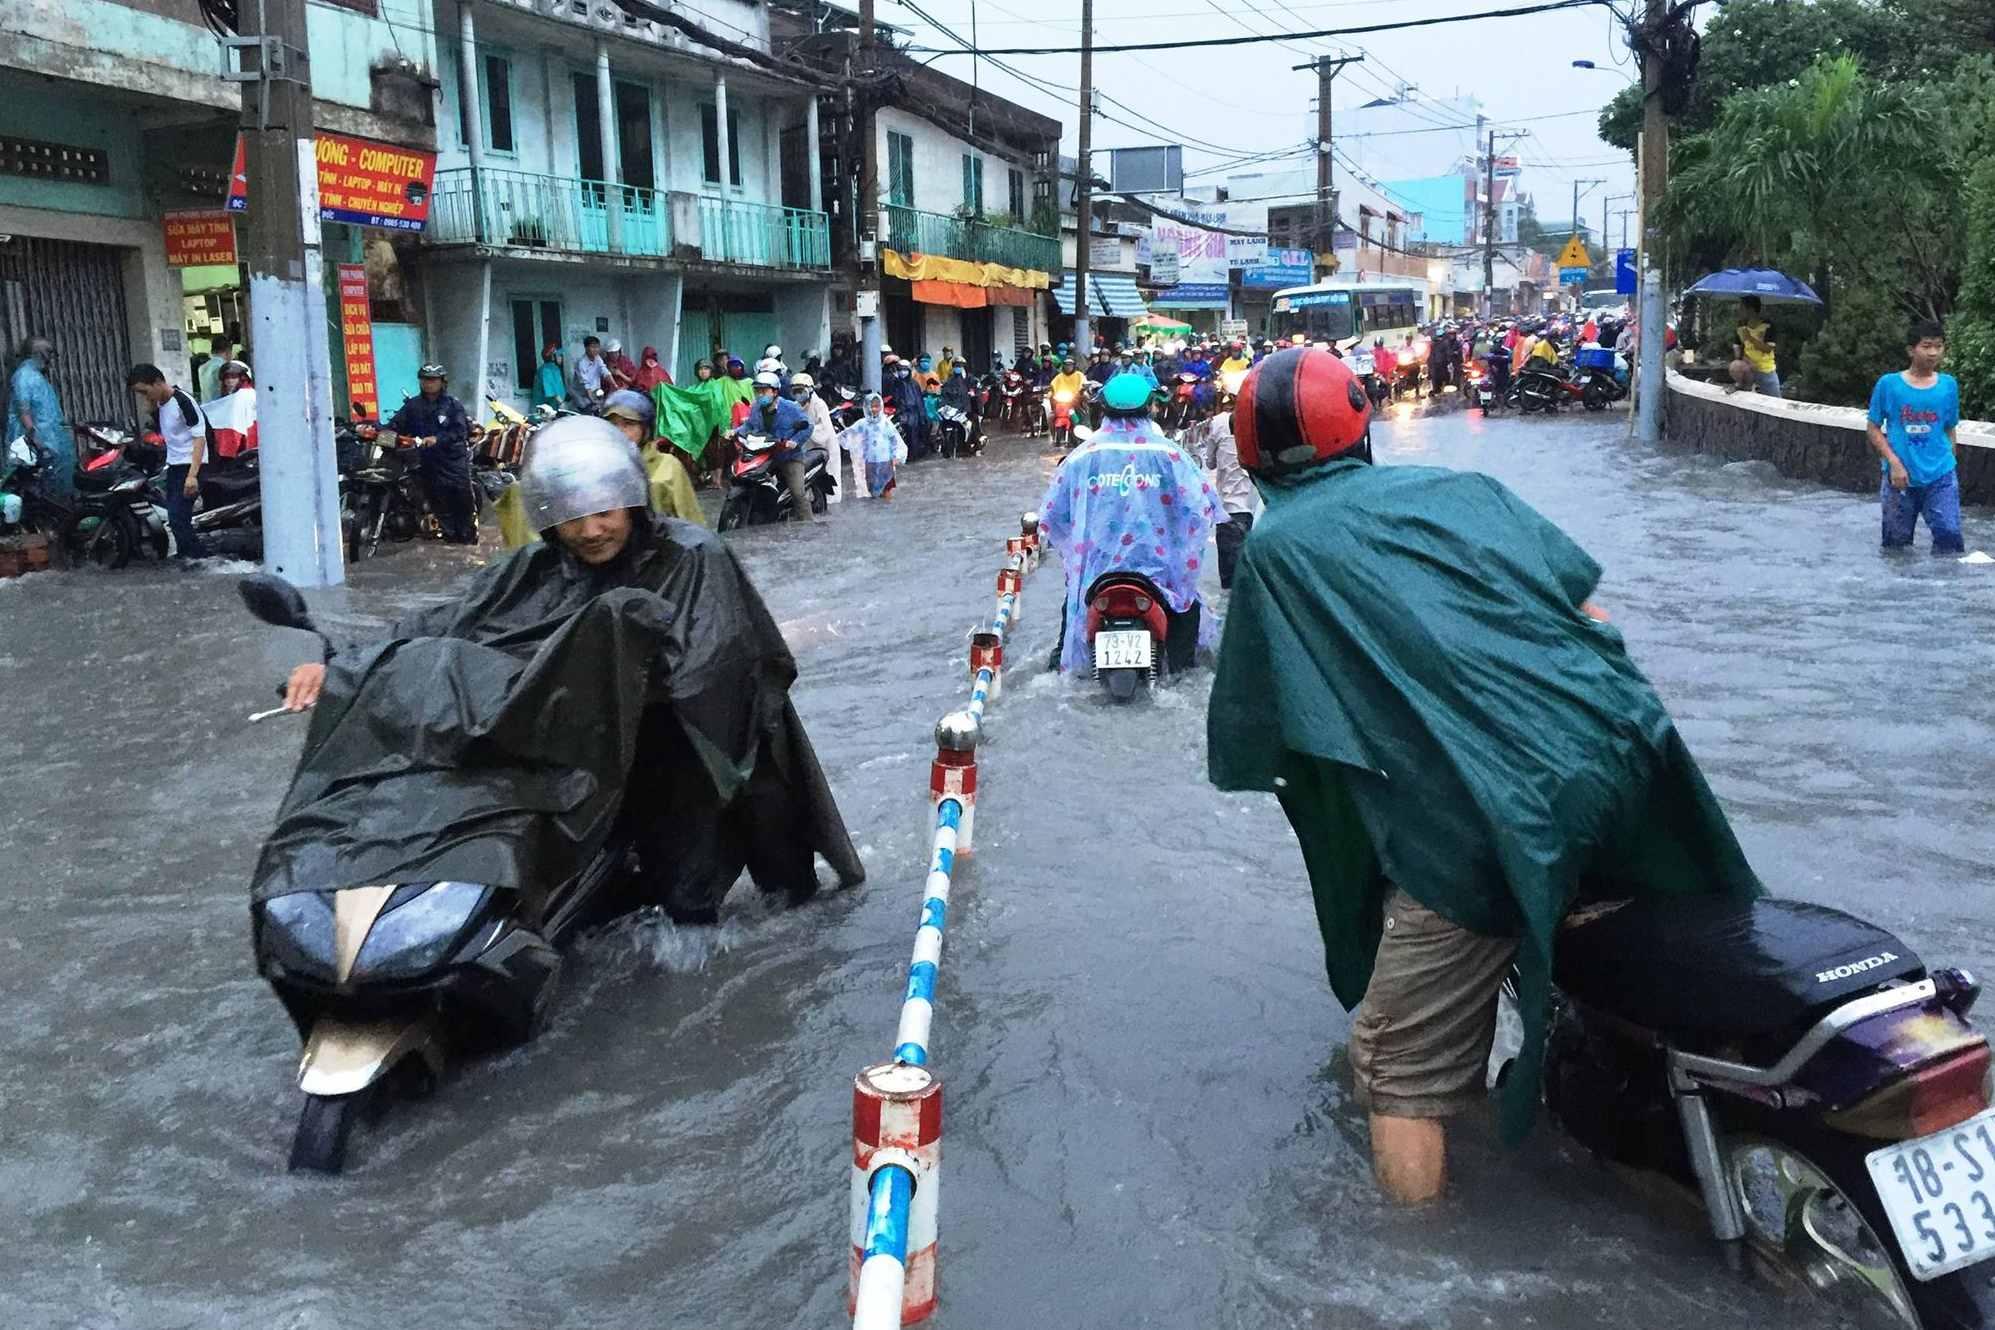 Dùng lu đựng nước mưa chống ngập ở TP.HCM: Liệu có khả thi?